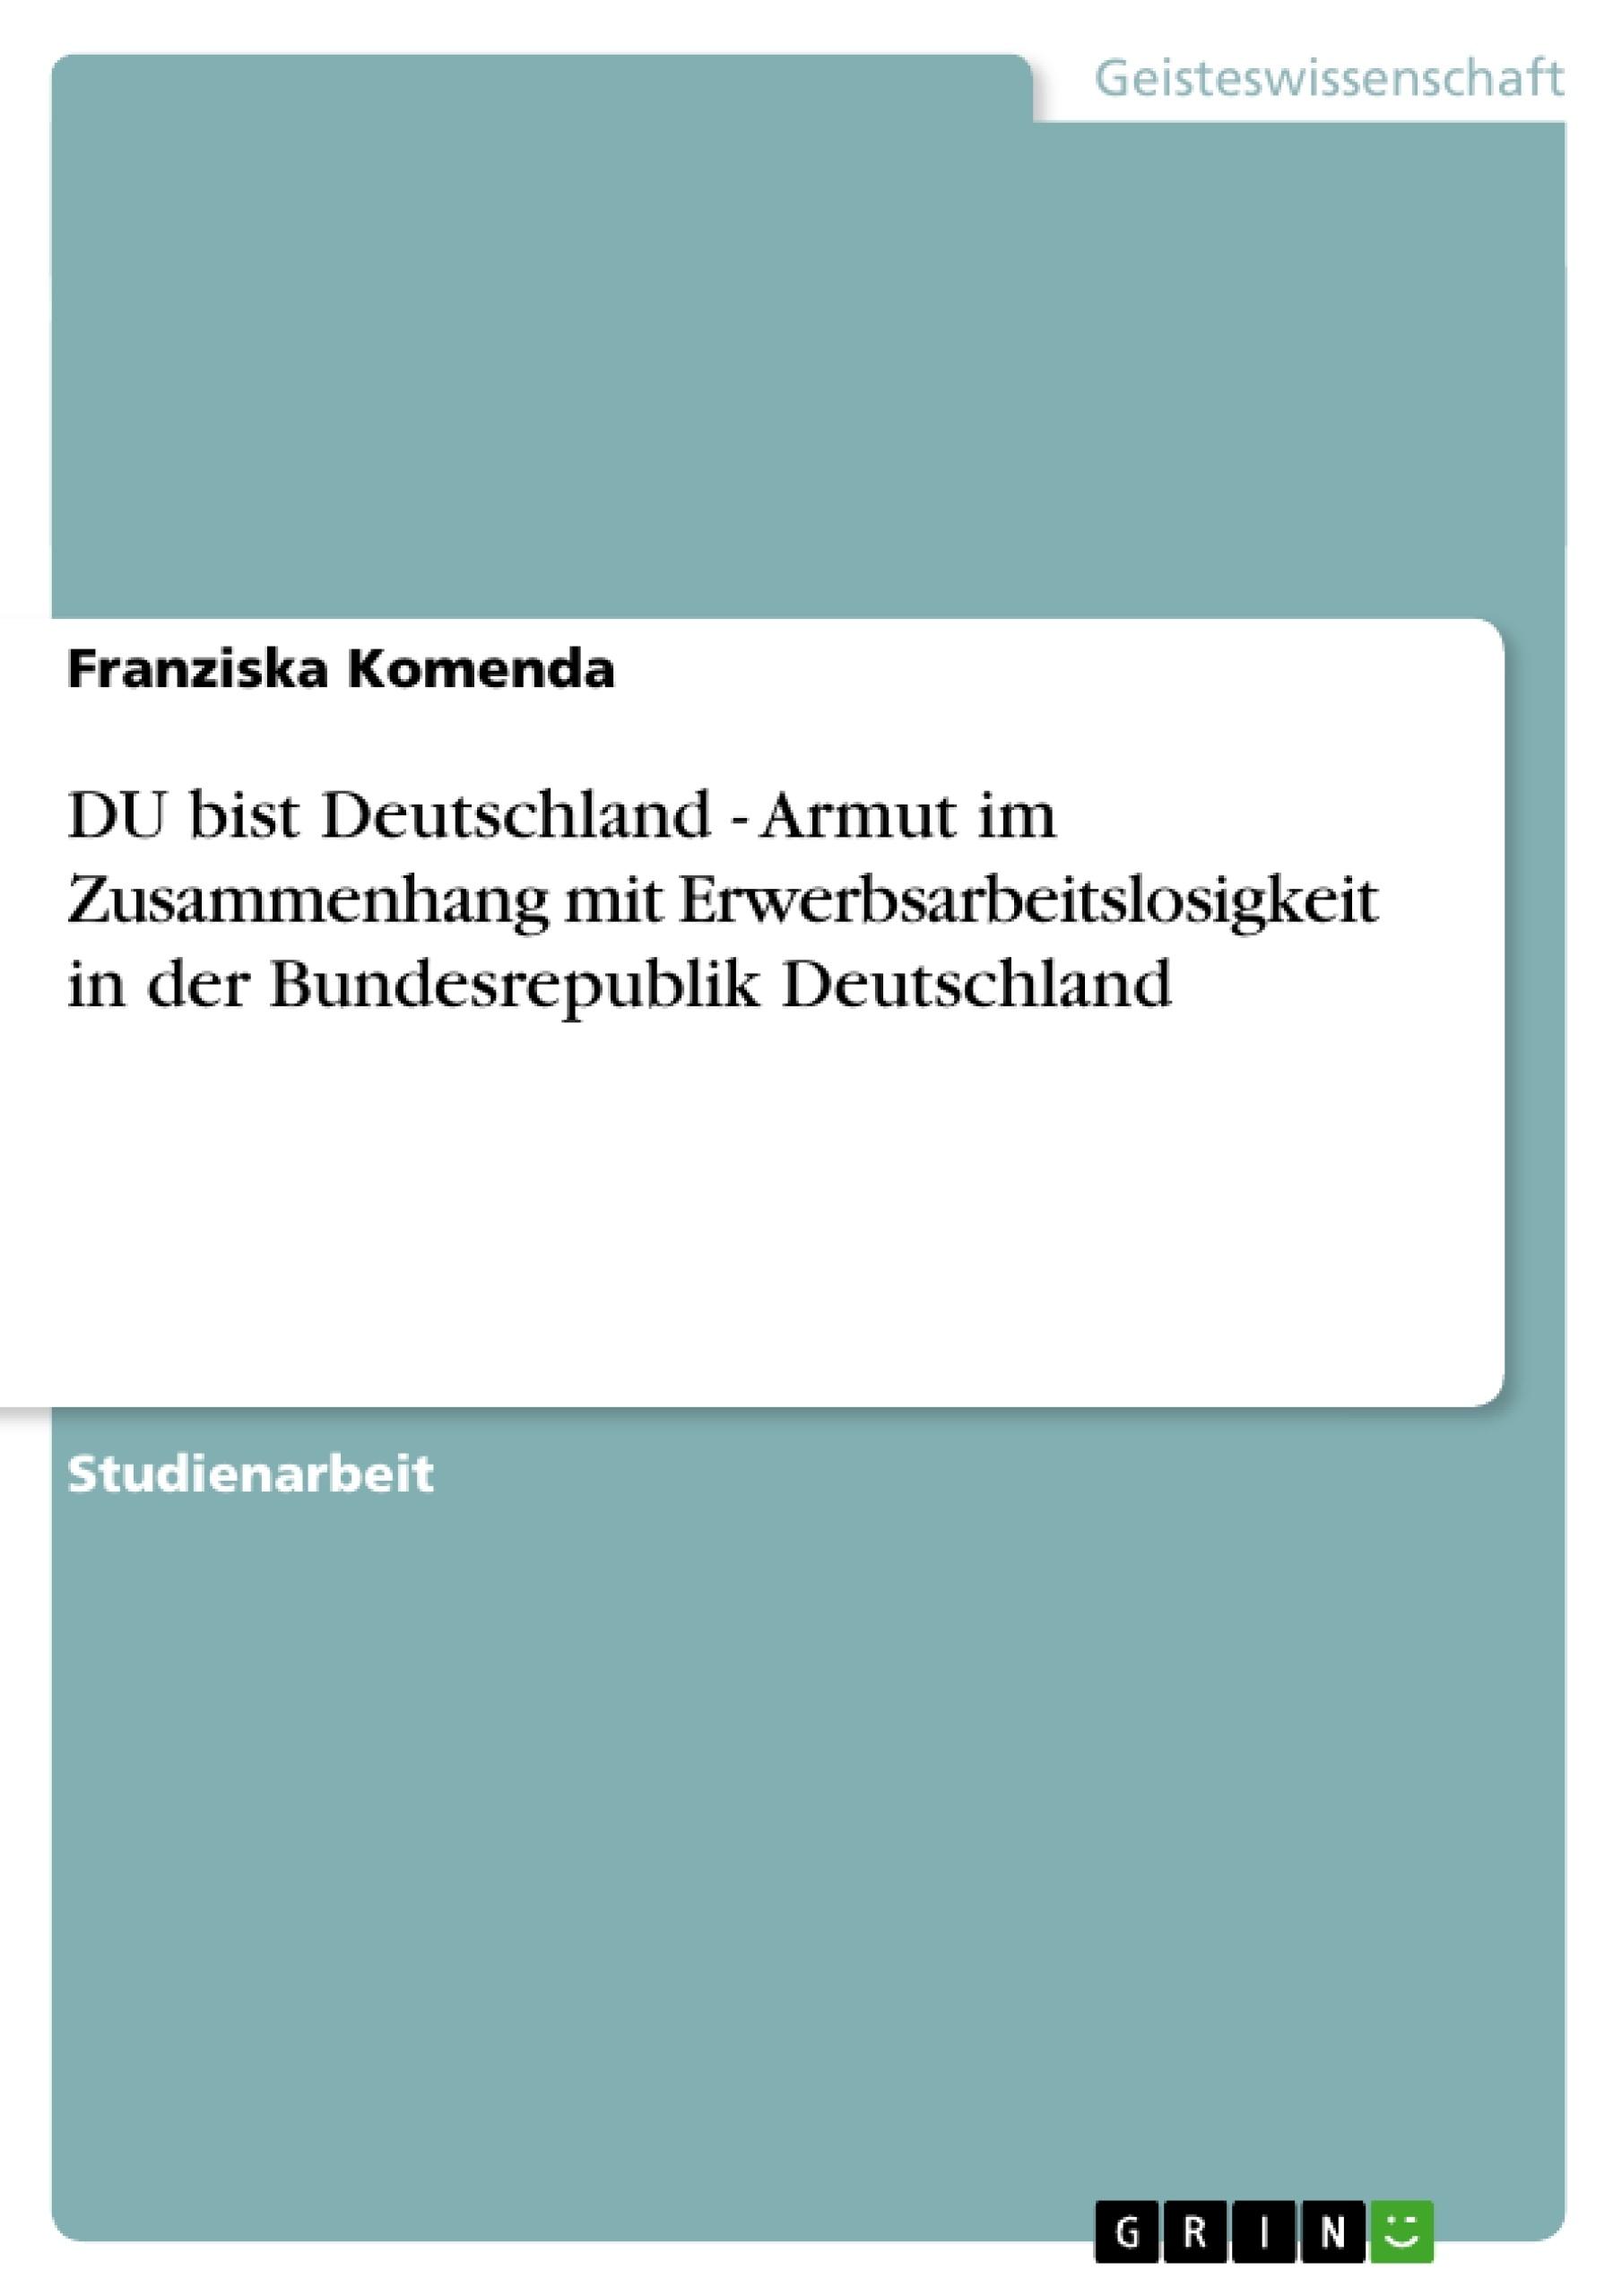 Titel: DU bist Deutschland - Armut im Zusammenhang mit Erwerbsarbeitslosigkeit in der Bundesrepublik Deutschland